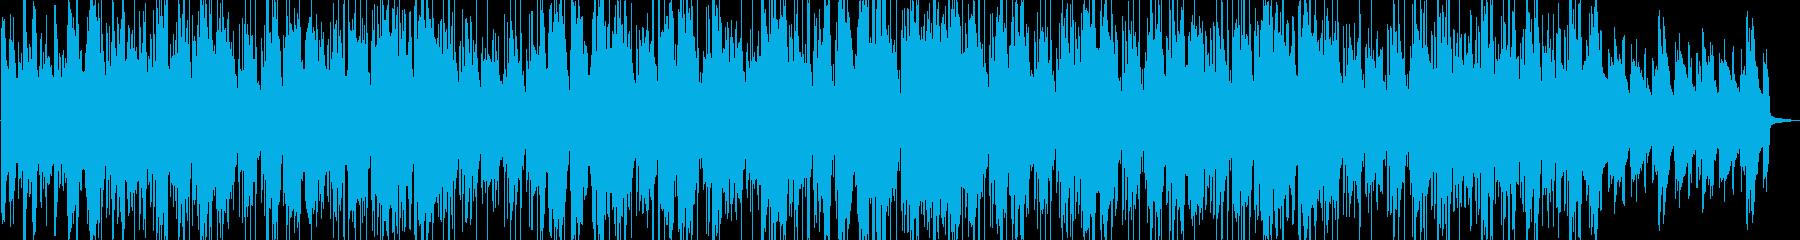 ムーディーなサックスとトランペットのんの再生済みの波形